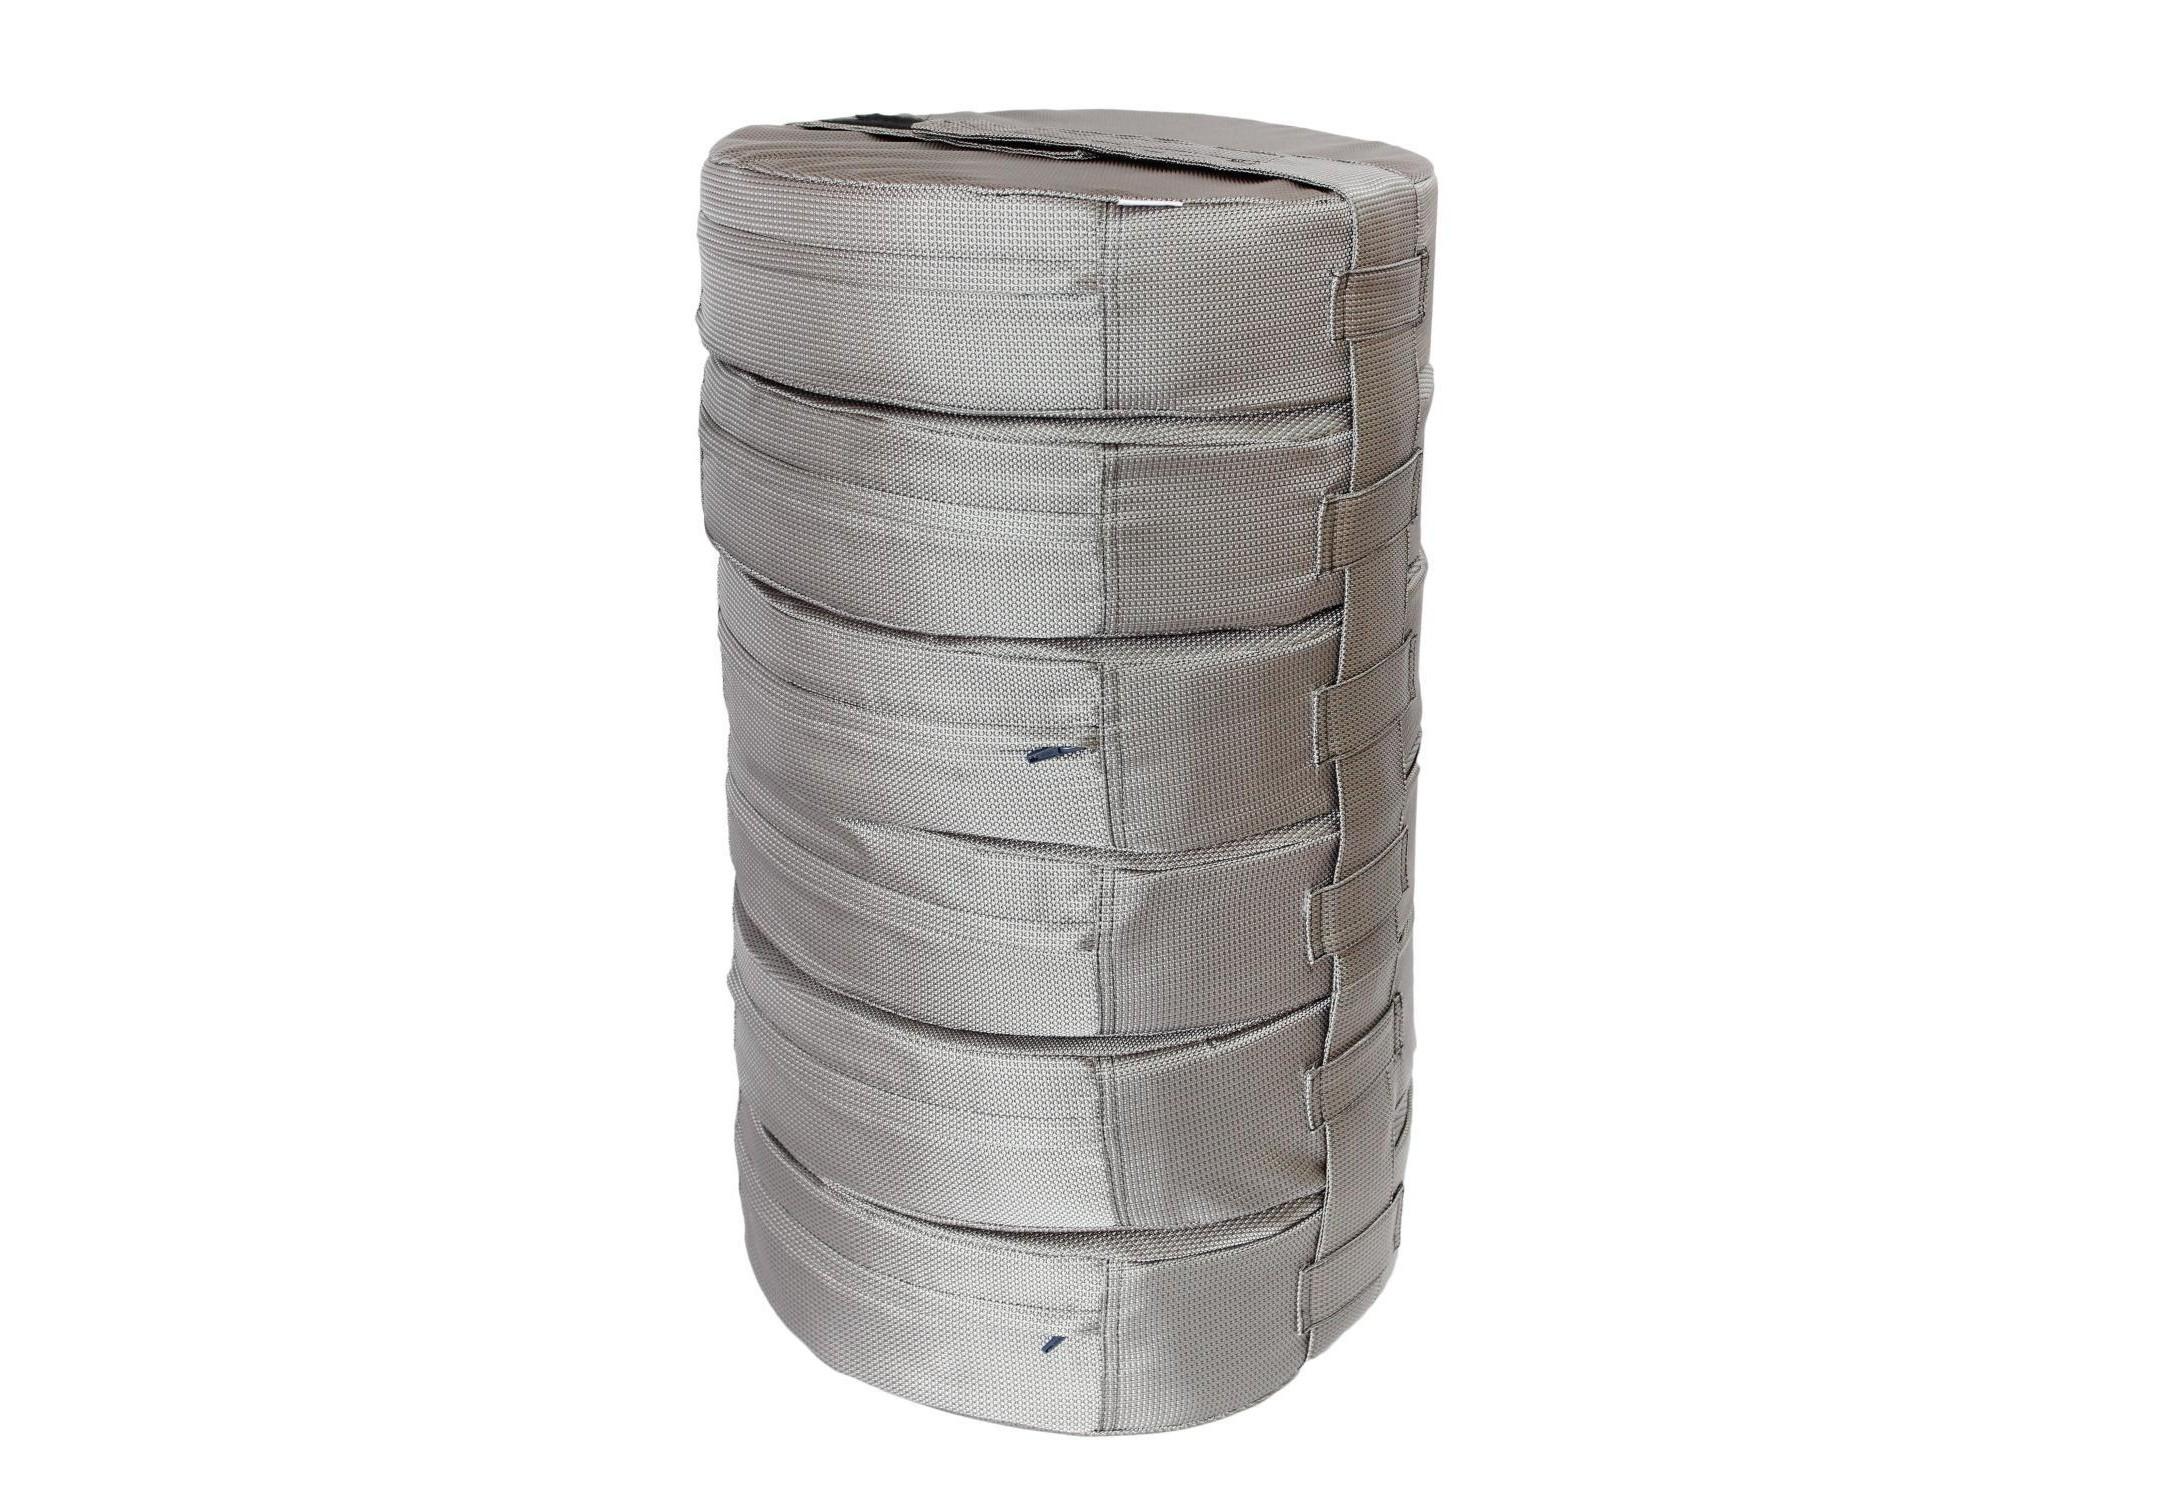 Подушка на пол Silver (6шт)Форменные пуфы<br>Мягкие и очень удобные подушки на пол из водооталкивающей ткани с наполнителем из поролона станут функциональным предметом для комфортного отдыха. Контраст вставки с основным цветом изделия добавит изюминку в ваше пространство! Подушка сшита из очень плотной ткани с водооталкивающей пропиткой с внешней стороны, поэтому идеально подойдет для уличного декора. Набор подушек удобно хранить и перевозить в машине, за счет компактной упаковки. При загрязнении ее достаточно протереть влажной салфеткой!&amp;amp;nbsp;&amp;lt;div&amp;gt;&amp;lt;br&amp;gt;&amp;lt;/div&amp;gt;&amp;lt;div&amp;gt;Размер каждой подушки 10х40 см.&amp;amp;nbsp;&amp;lt;/div&amp;gt;<br><br>Material: Текстиль<br>Height см: 60<br>Diameter см: 40